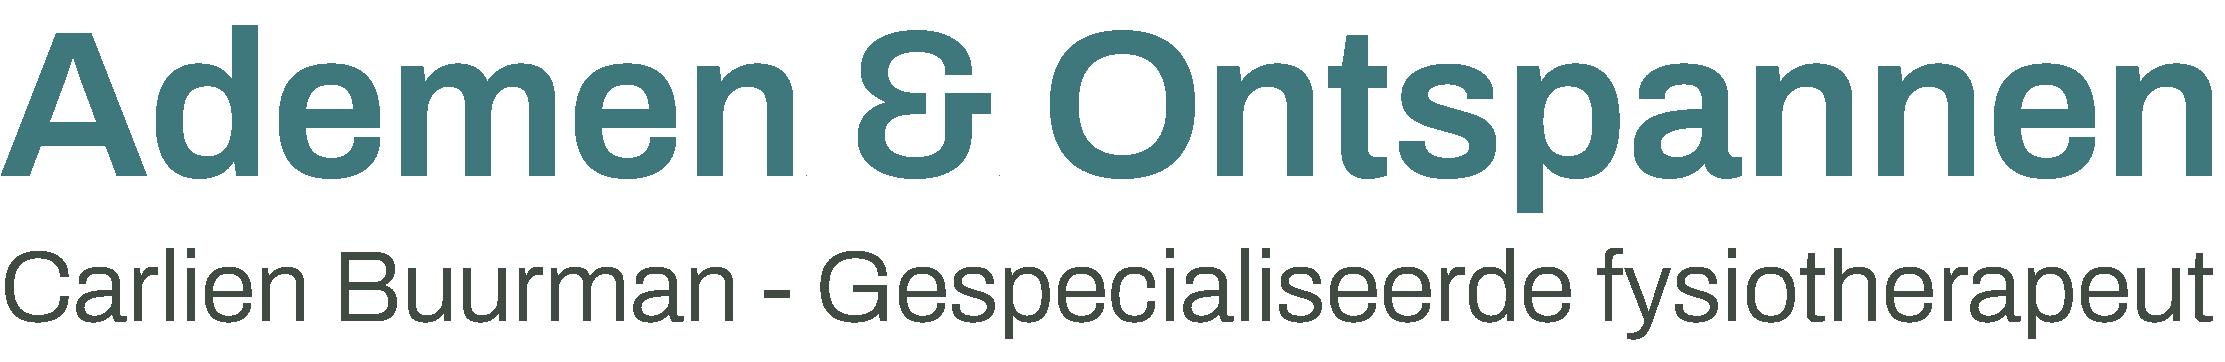 Adem & Ontspannen logo